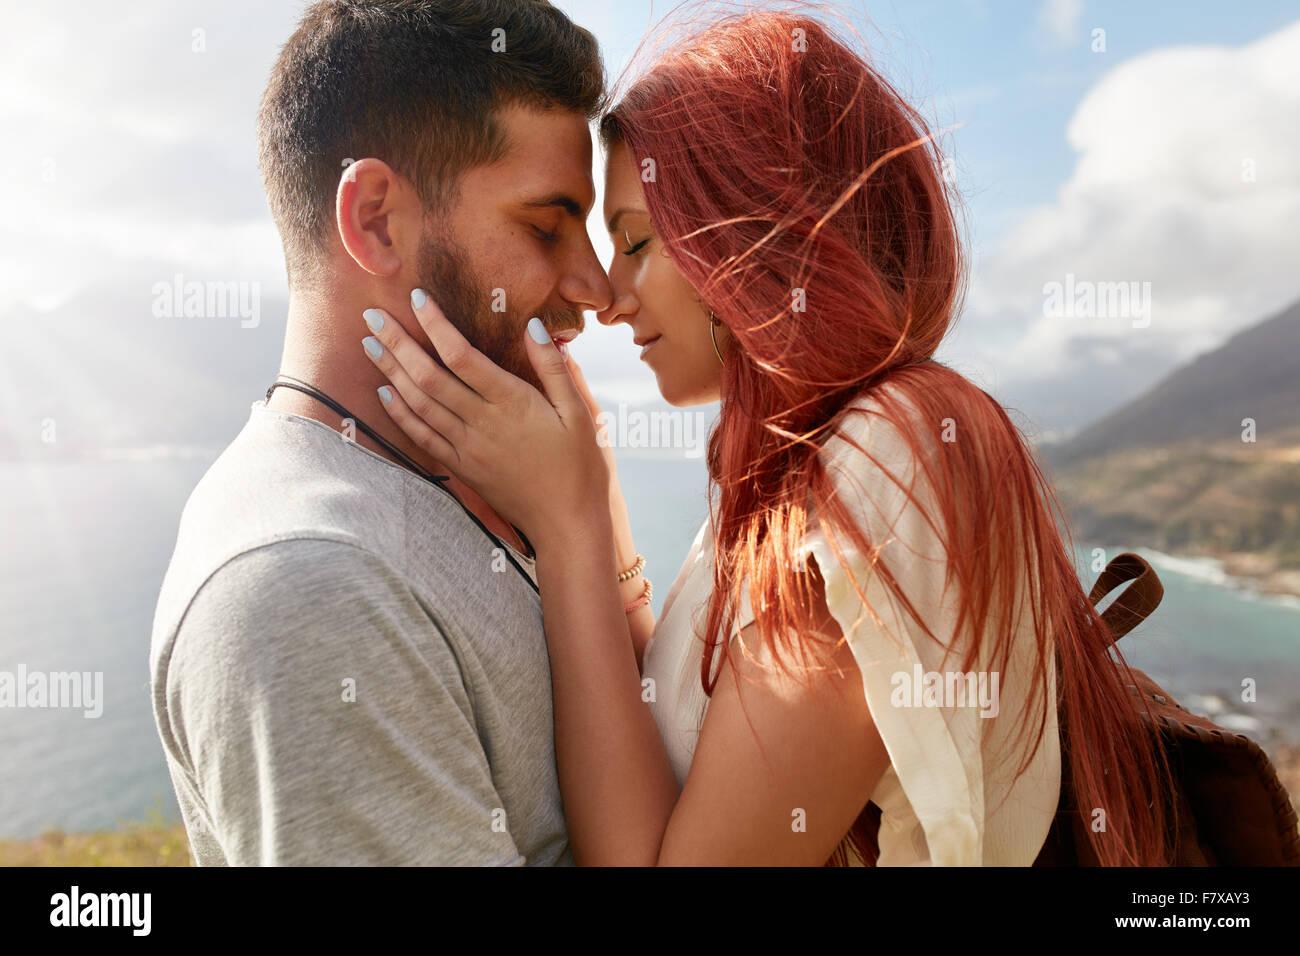 Ritratto di affettuosa coppia giovane circa a kiss. Romantico giovane uomo e donna la condivisione di un bel momento Immagini Stock